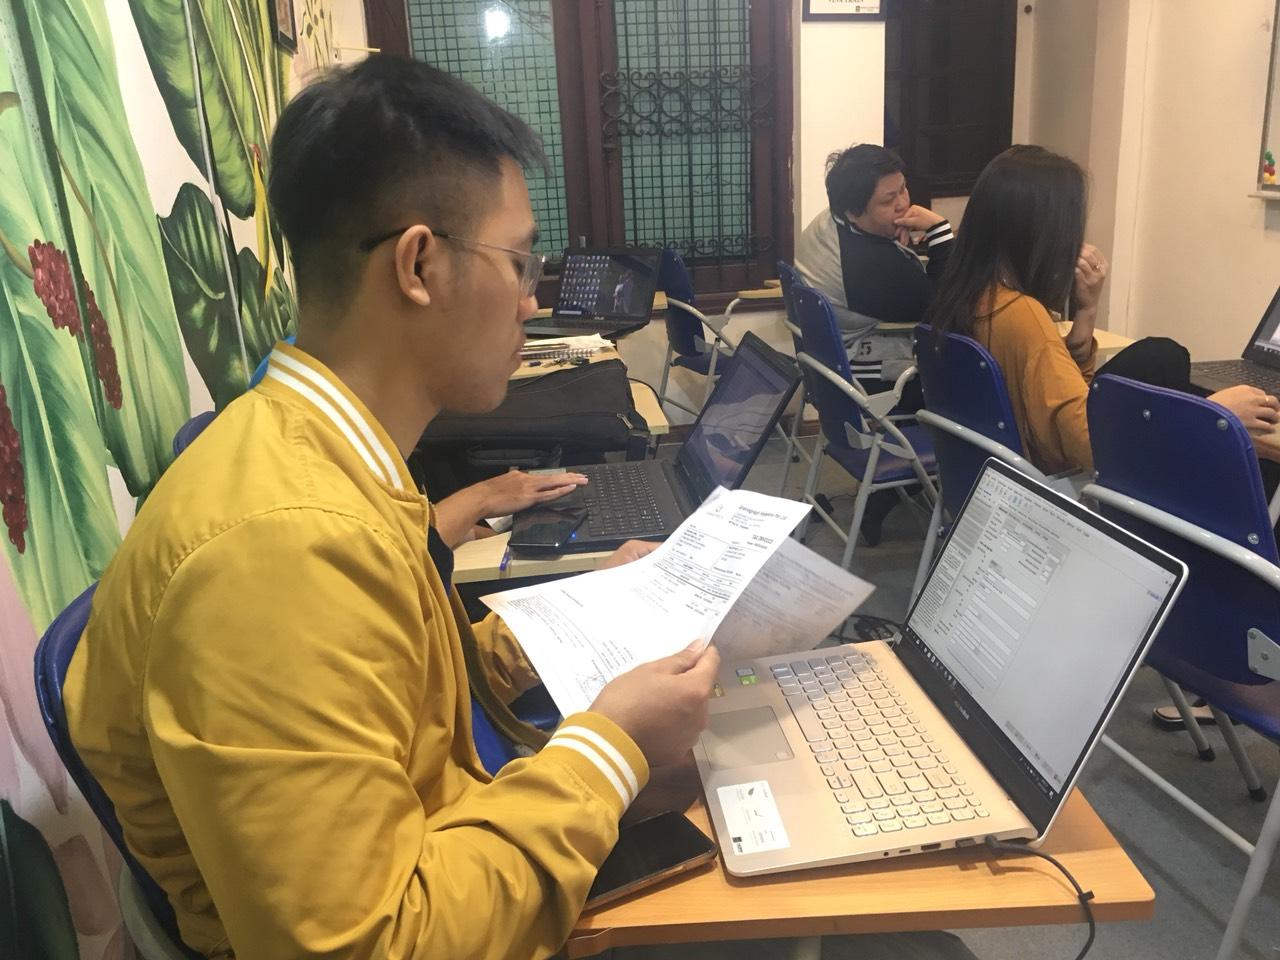 Buổi học phụ đạo khai báo hải quan điện tử cho học viên chưa thạo nghiệp vụ tại VinaTrain